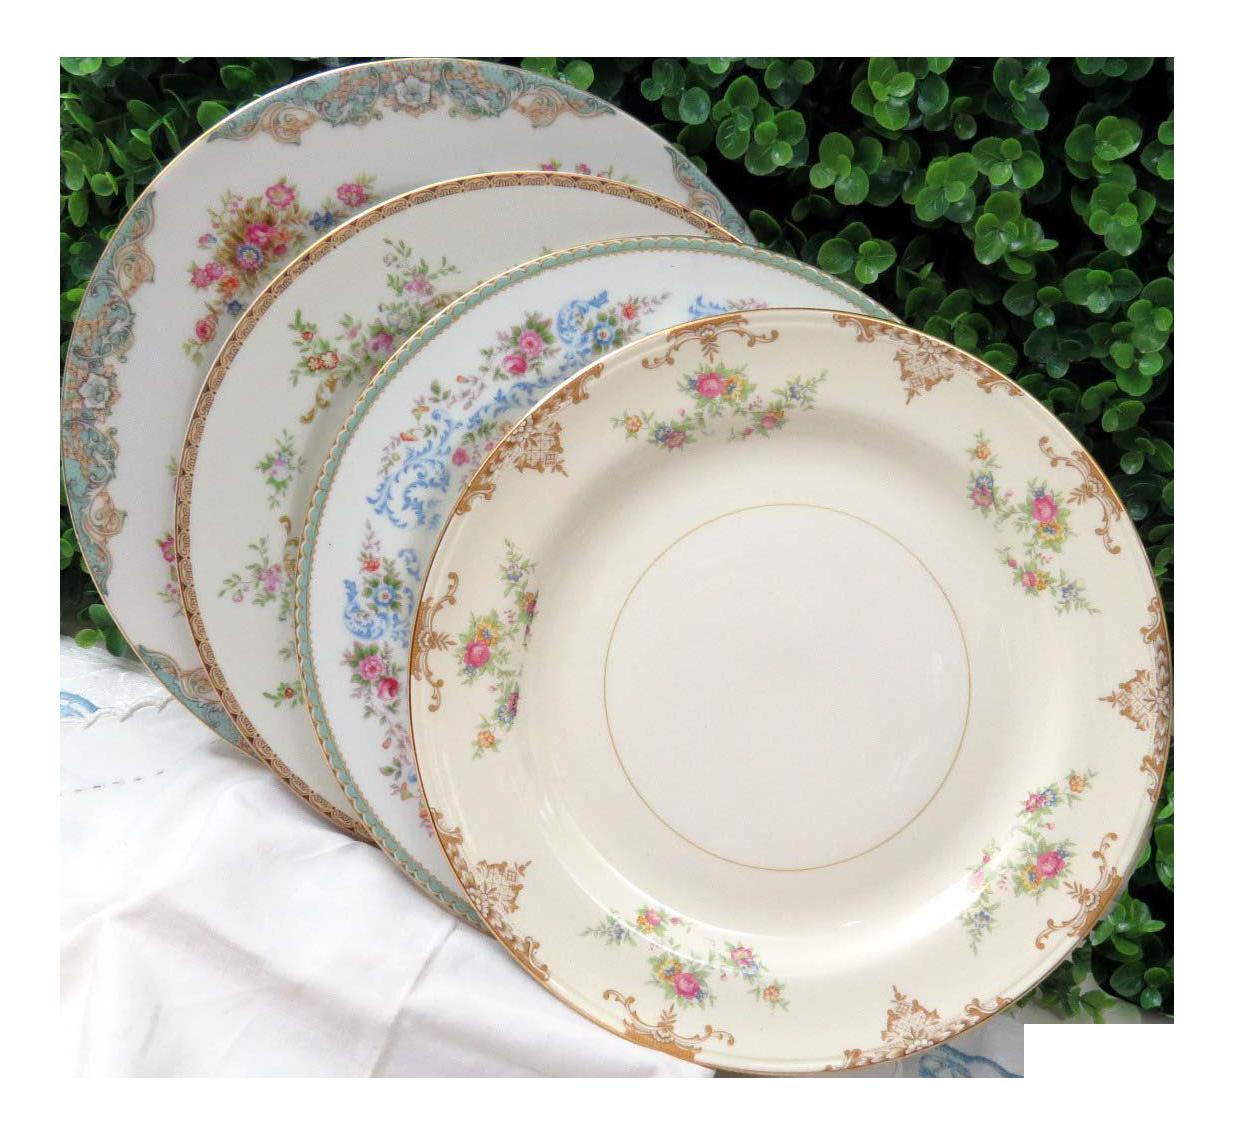 Vintage Mismatched Fine China Dinner Plates - Set of 4  sc 1 st  Chairish & Vintage Mismatched Fine China Dinner Plates - Set of 4 | Chairish